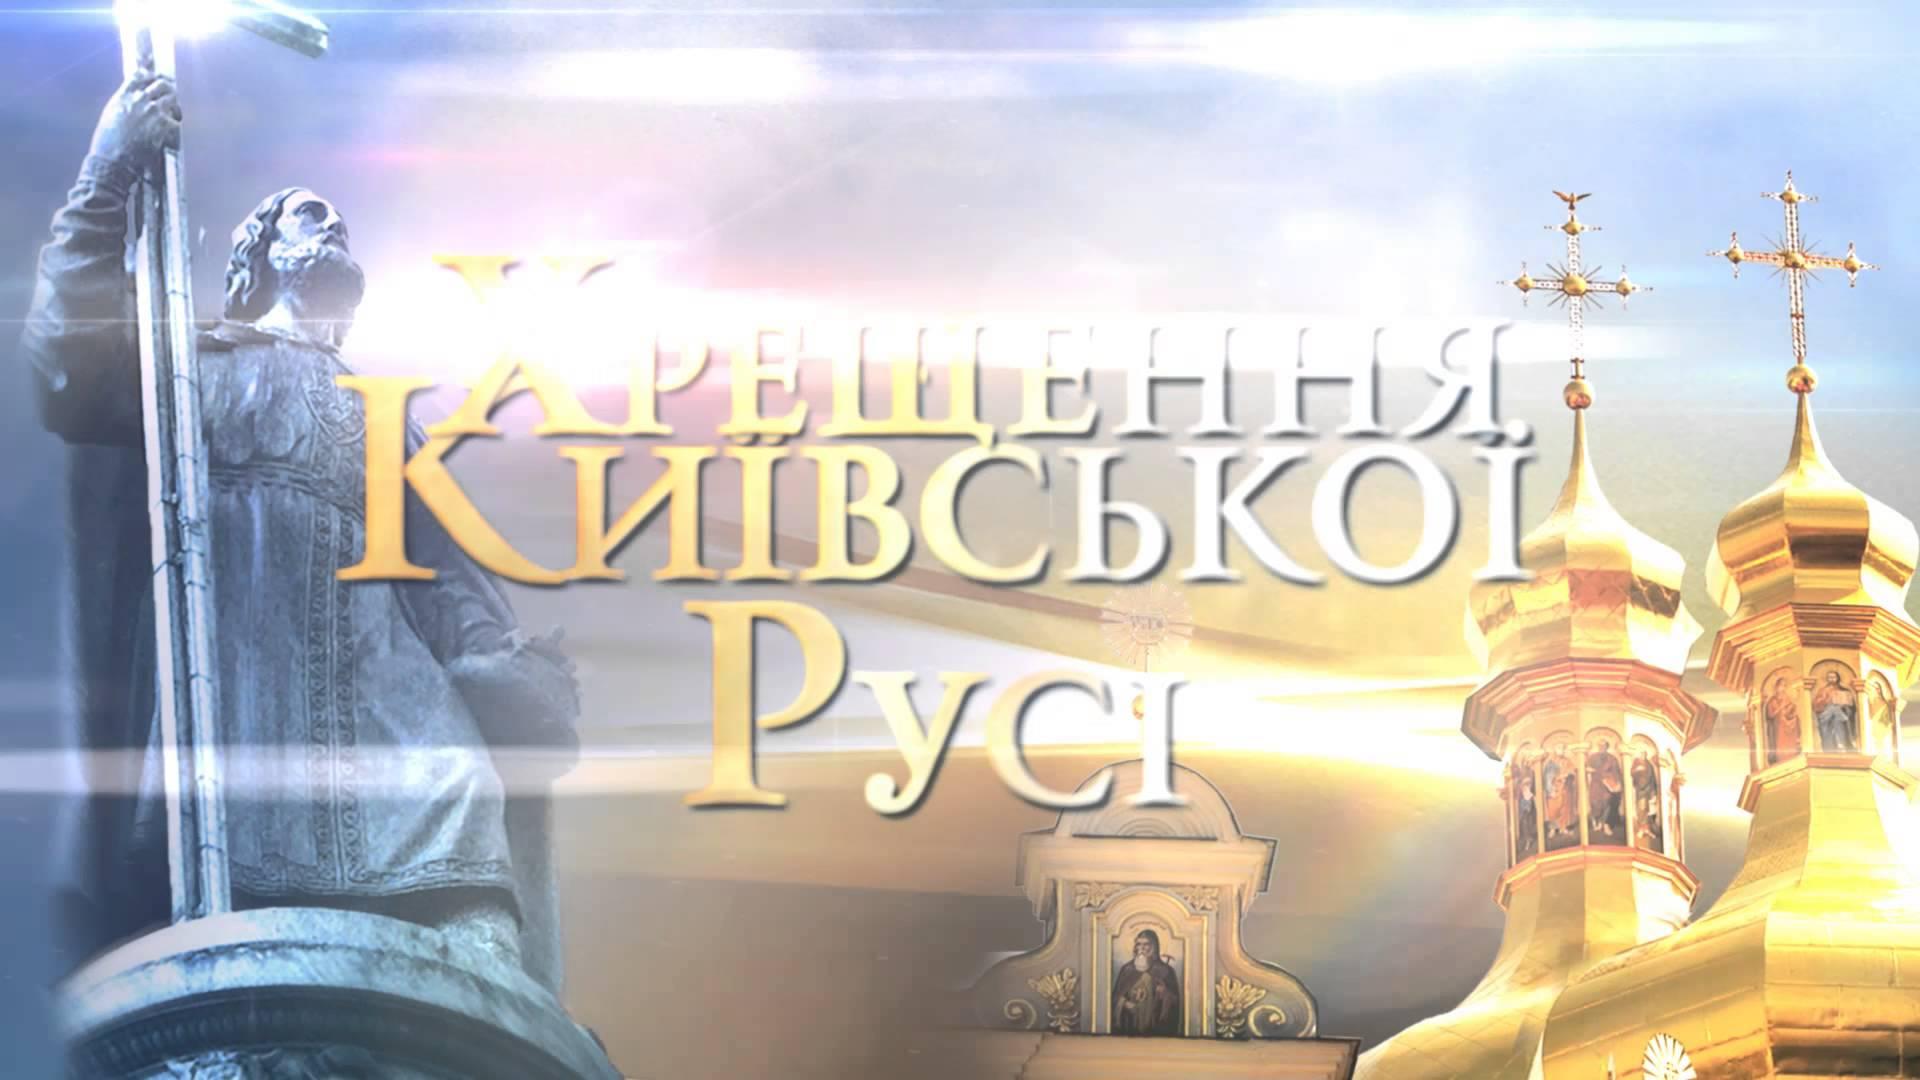 День крещения руси в киеве, фото на обои компьютера, Украина, 1920 на 1080 пикселей